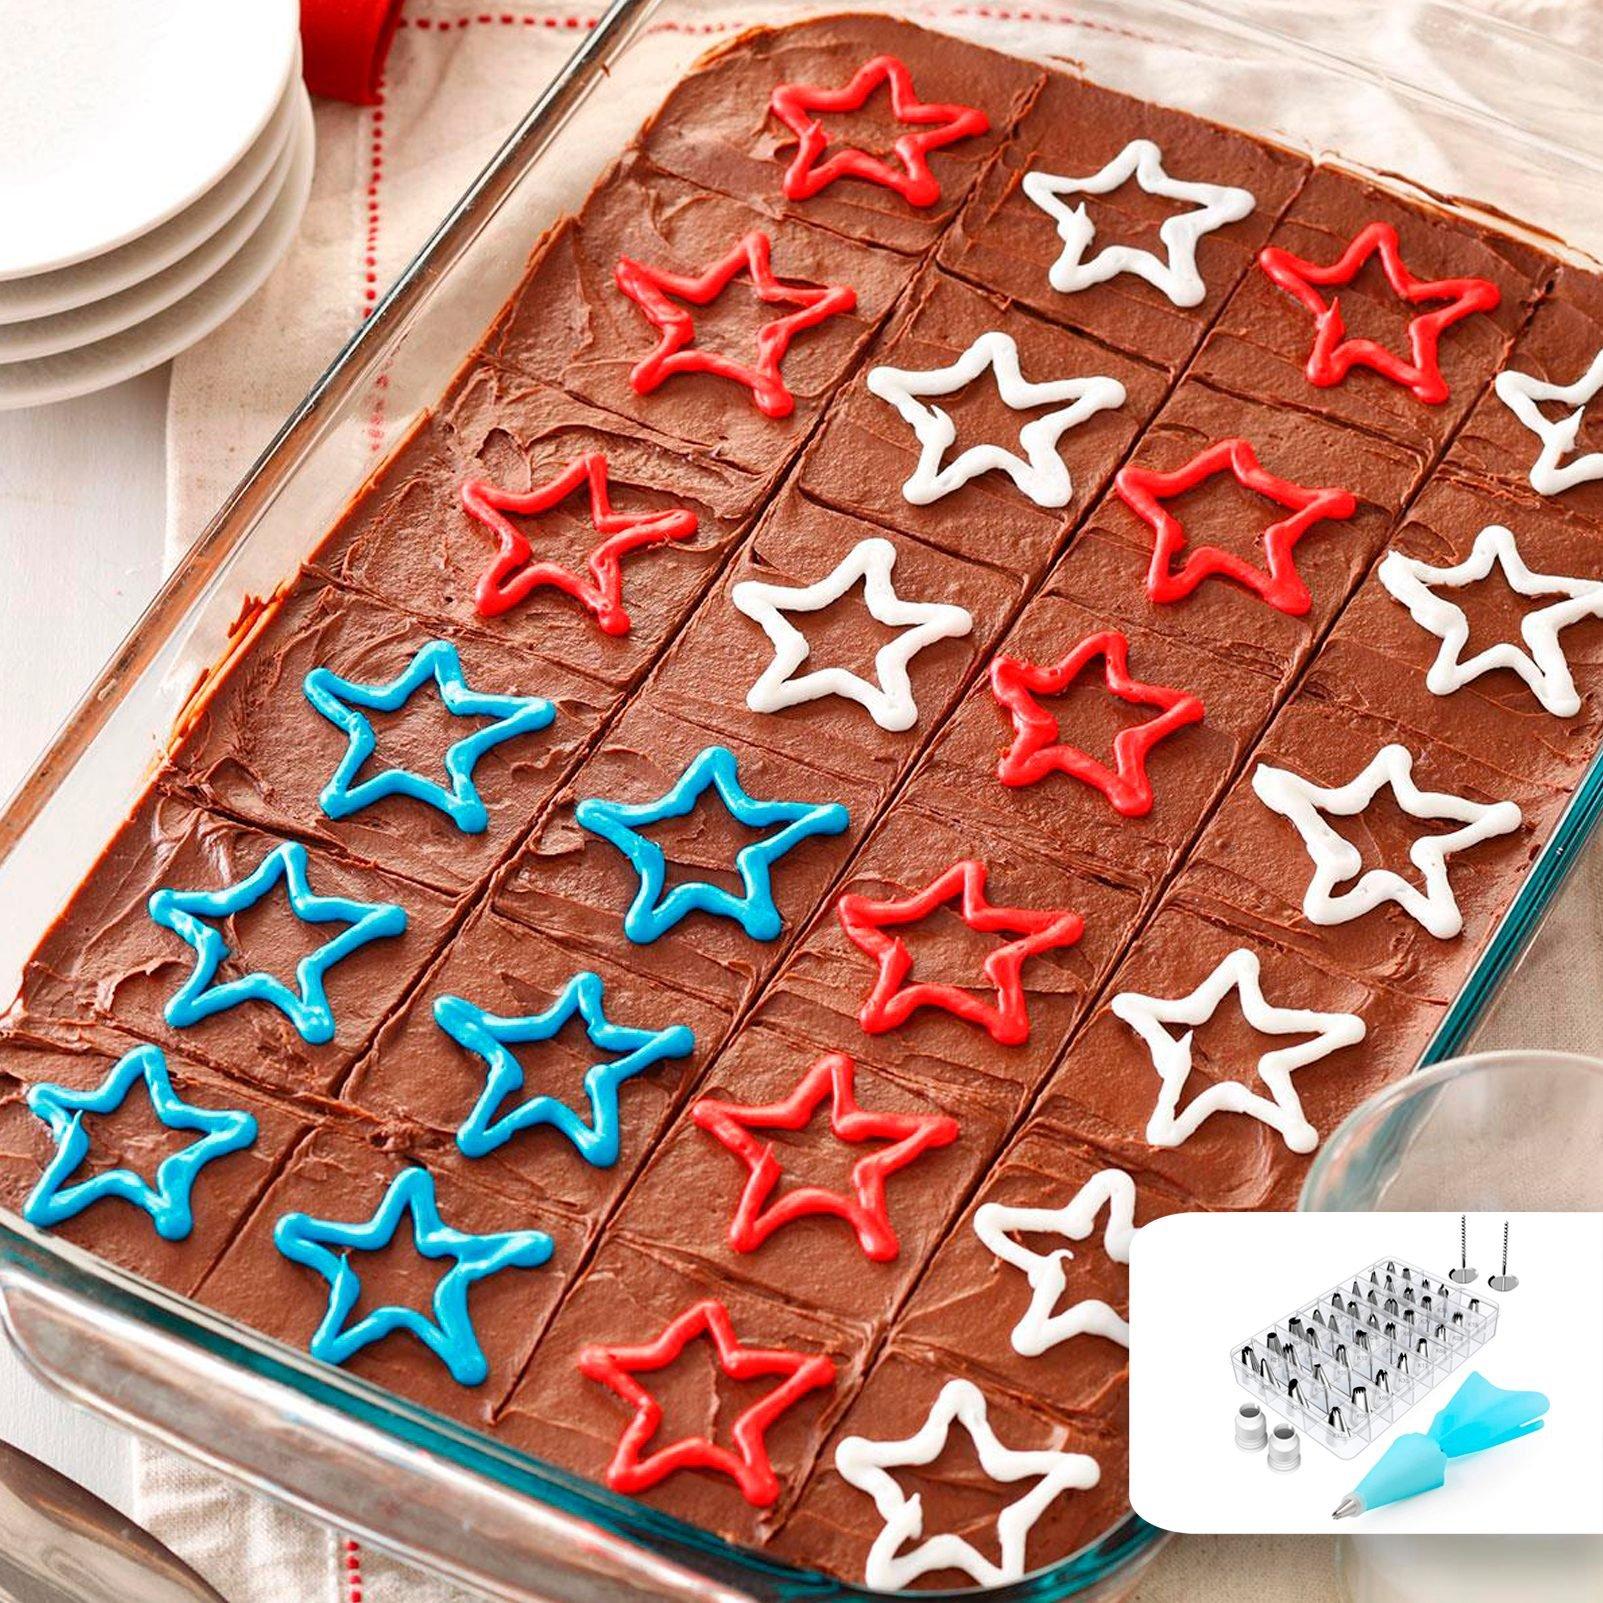 patriotic brownies stars 4th of july desserts Taste of Home